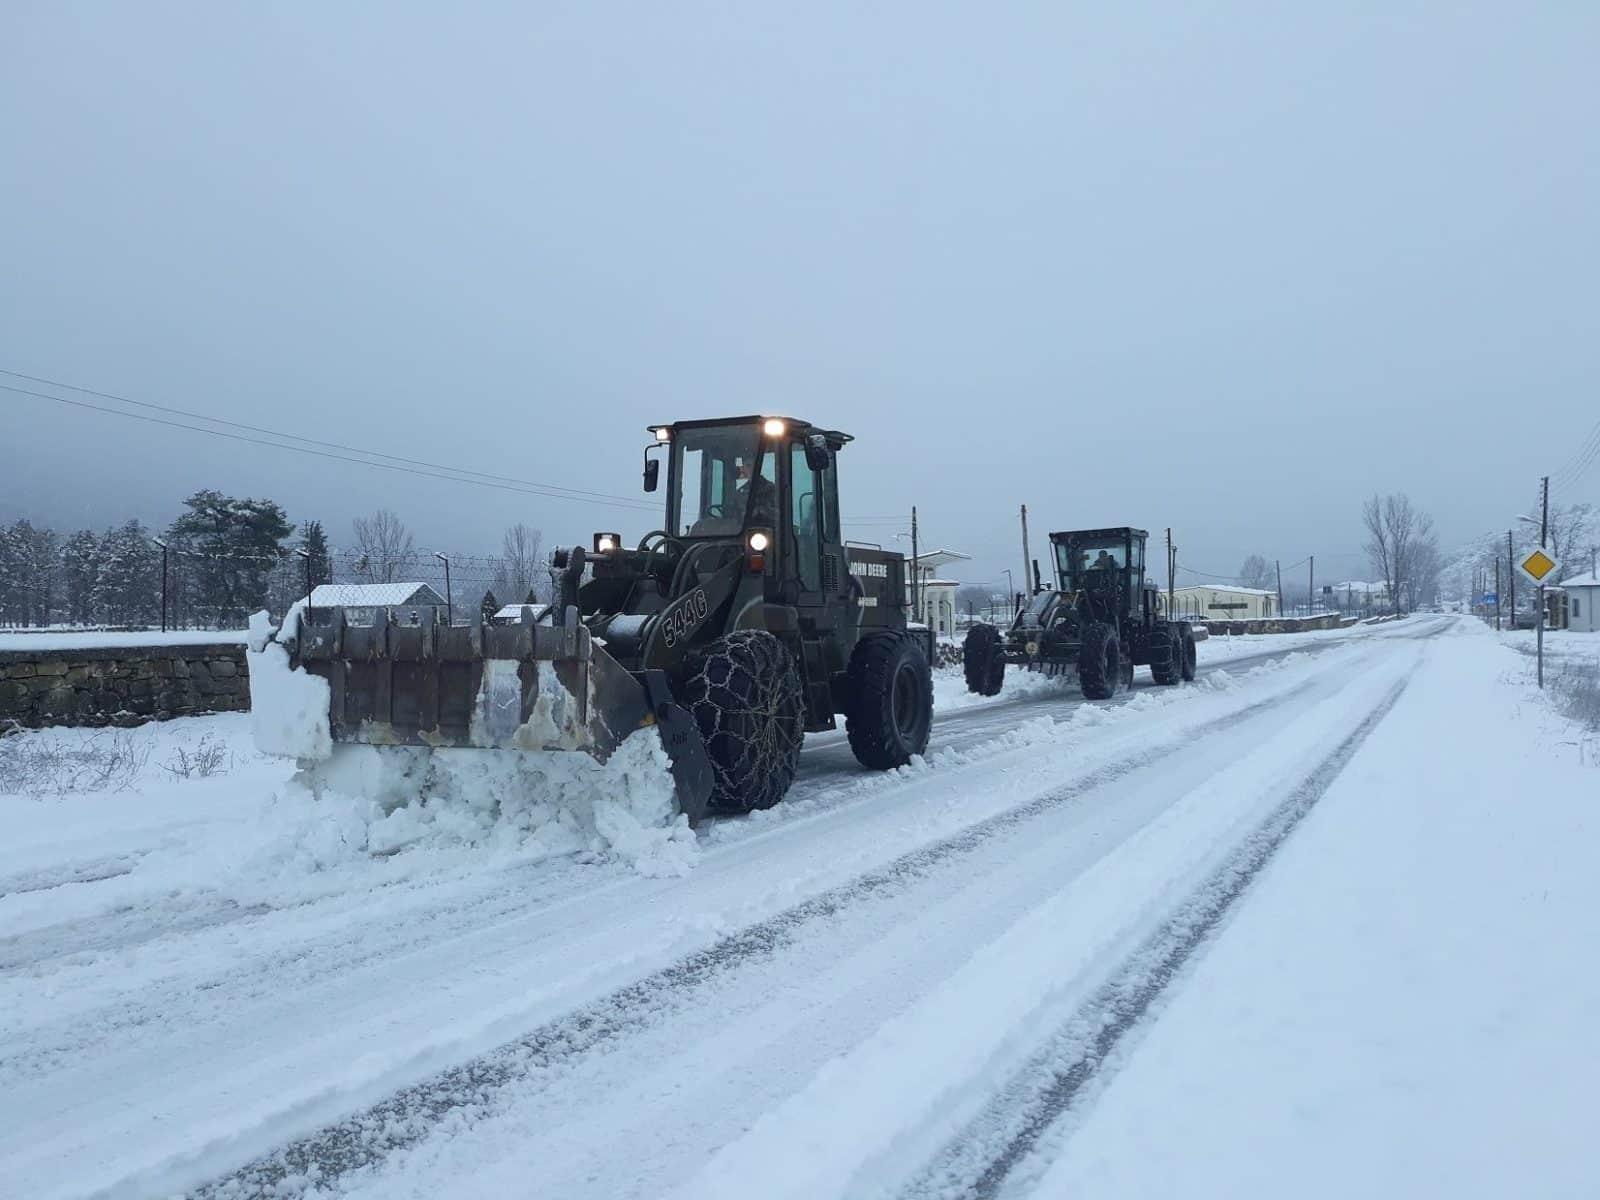 ΕΜΥ Καιρός - Έκτακτο δελτίο - 15 Ιανουαρίου - Χιόνια στην Αττική